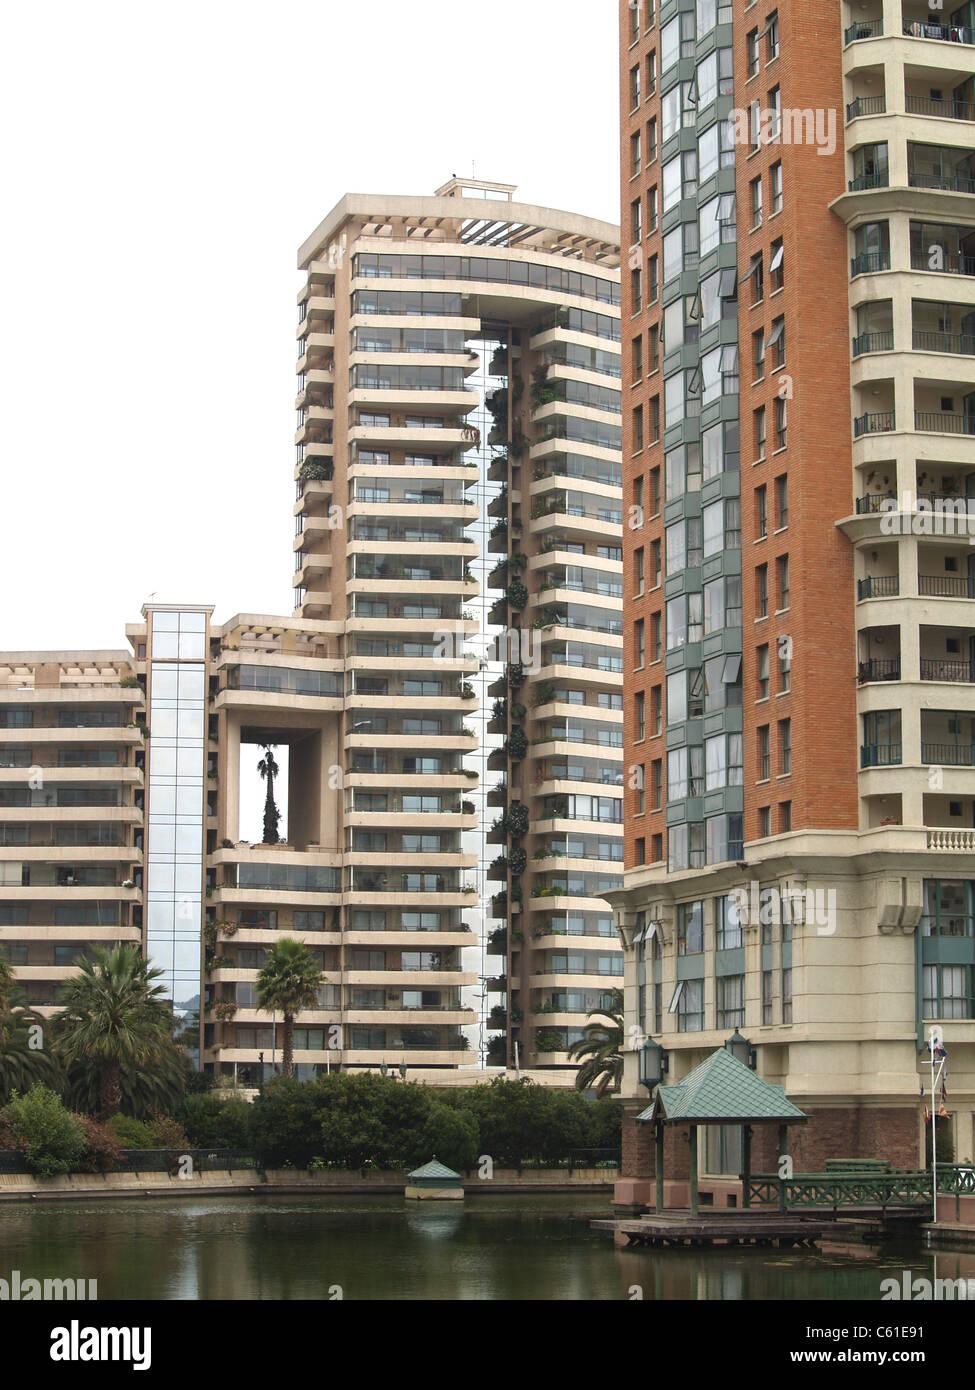 Condominiums, Vina del Mar, Chile - Stock Image